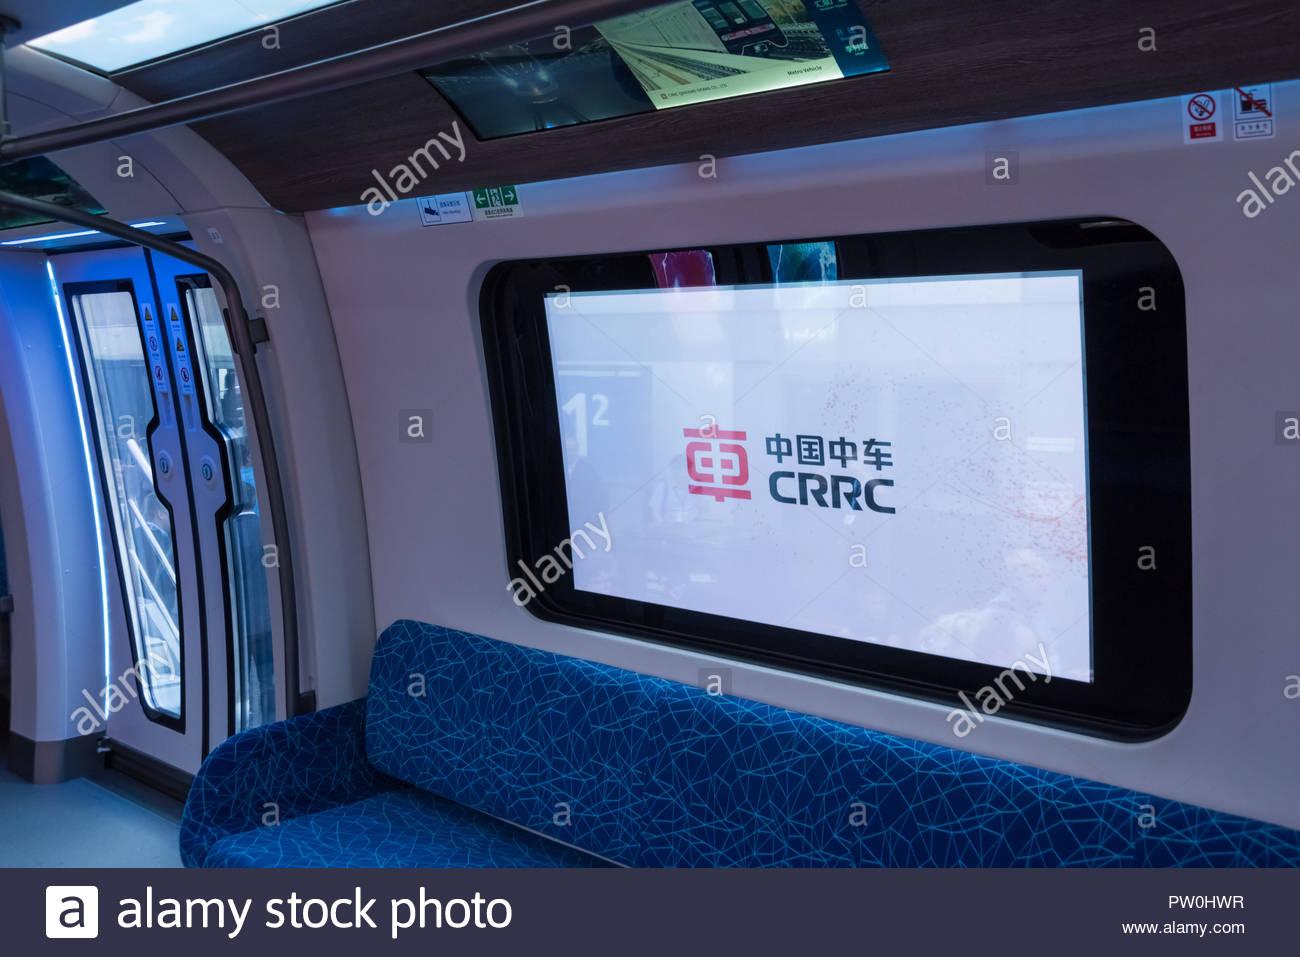 Berlin, Innotrans, Metro von CRRC, Fenster als Bildschirm (CRRC ist der grösste Hersteller von Schienenfahrzeugen weltweit) - Stock Image